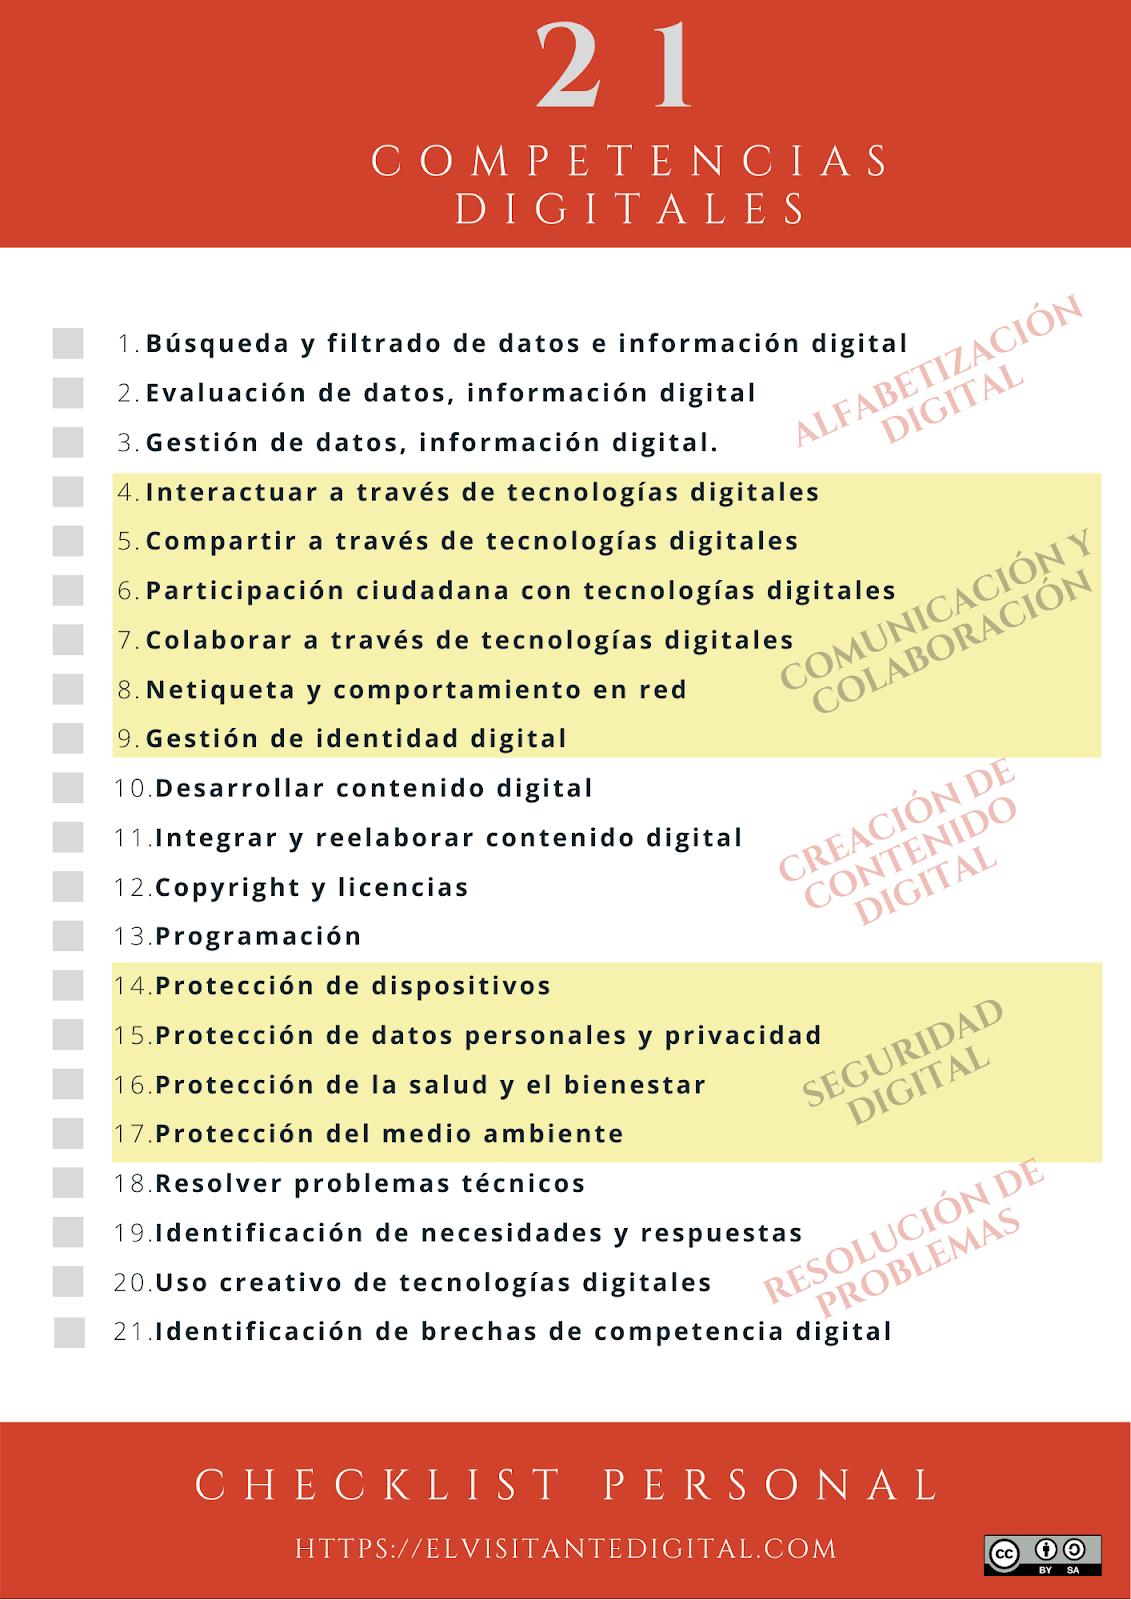 Las 21 competencias digitales imprescindibles de la sociedad digital actual